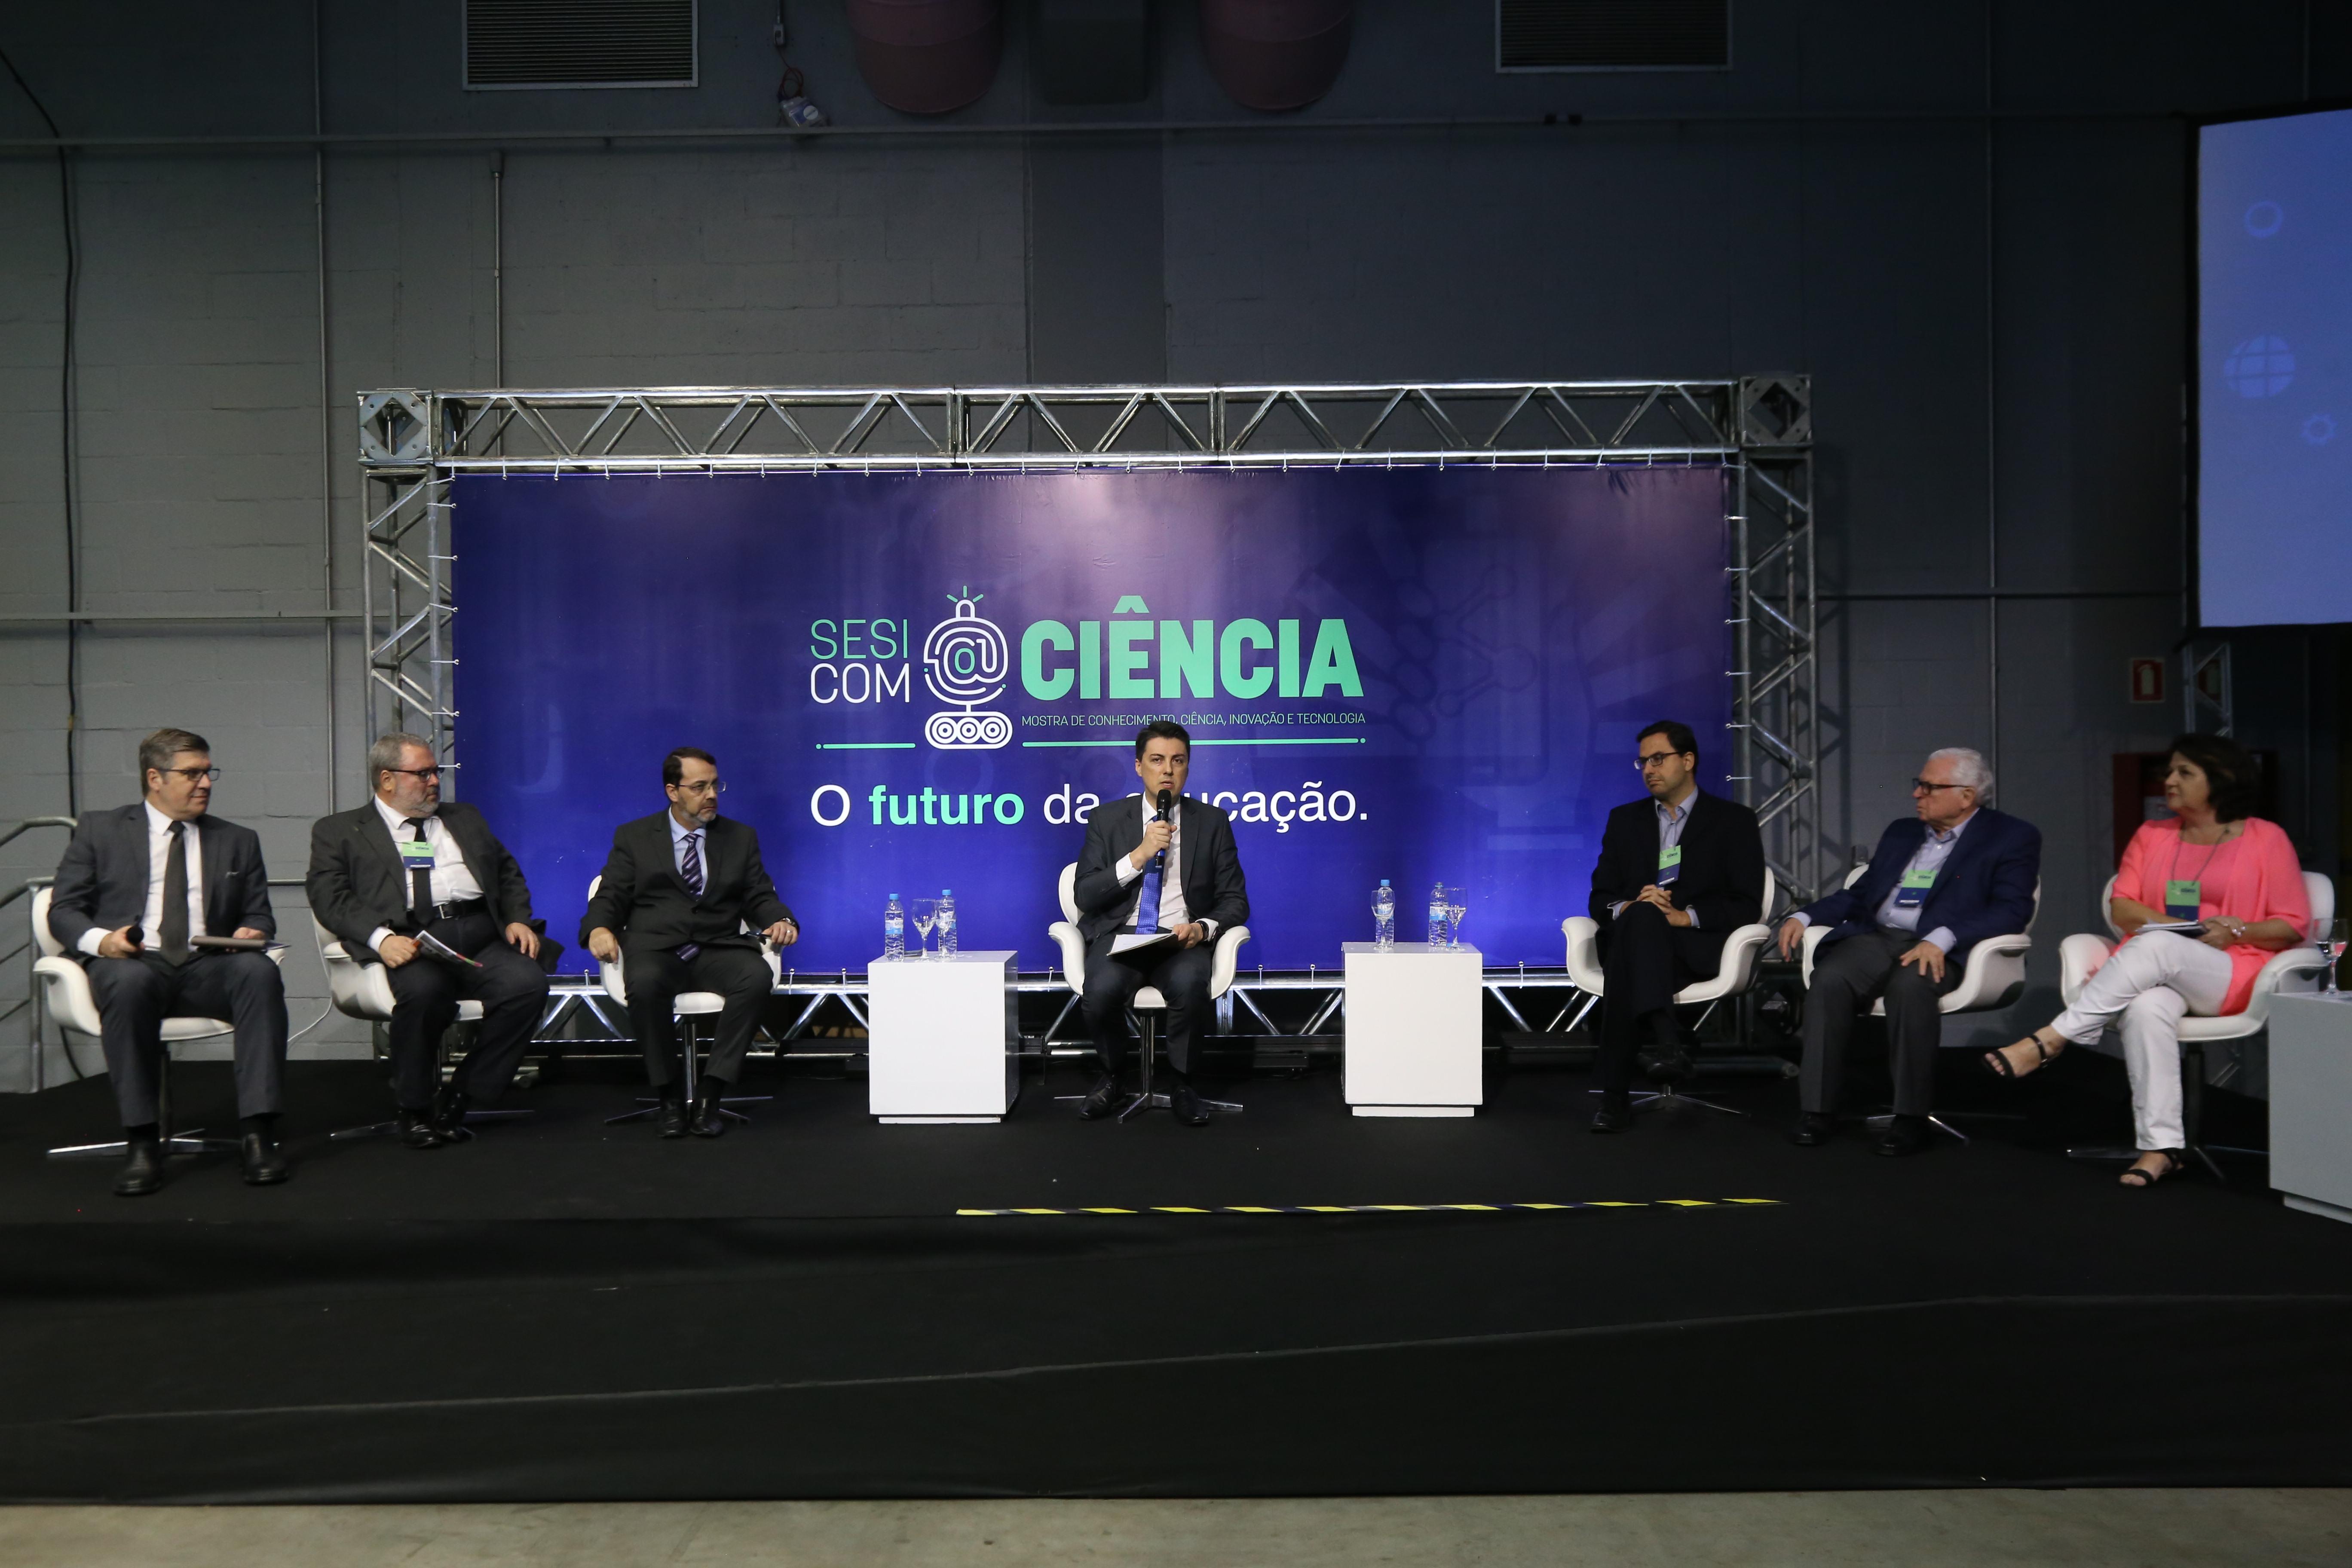 Jornalistas debatem educação no painel de abertura do Sesi com@Ciência